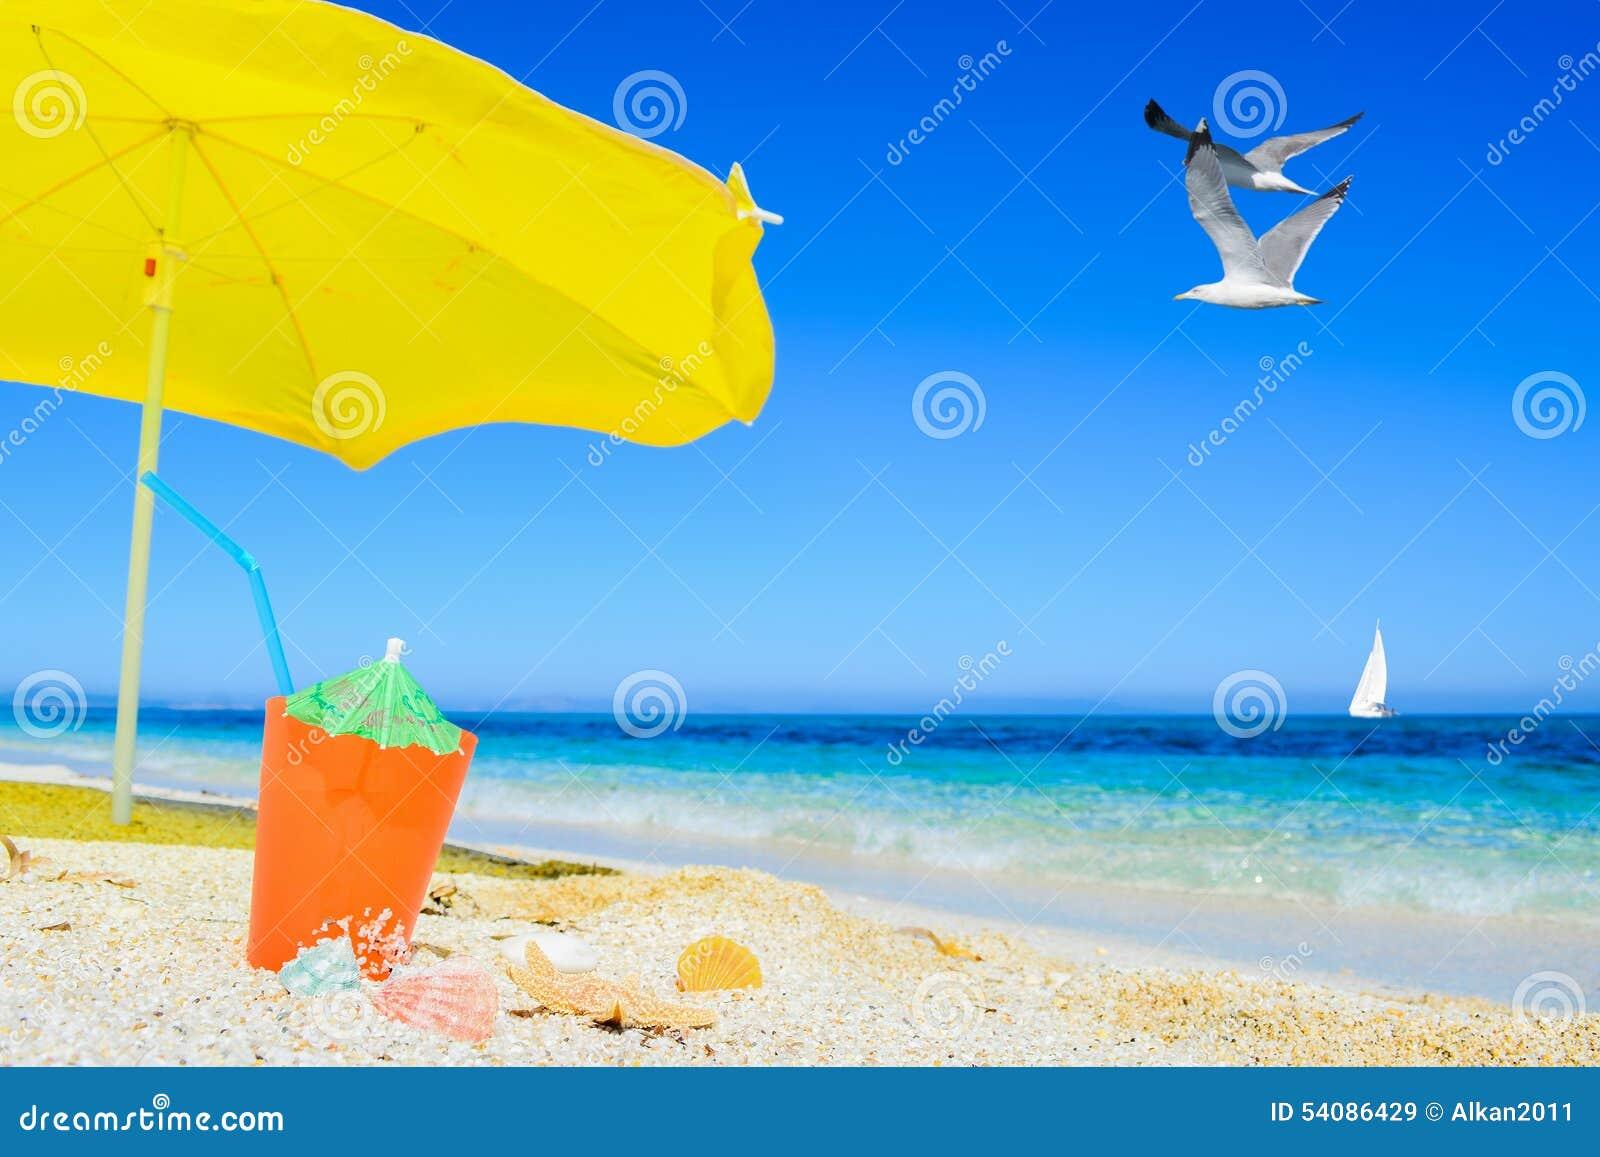 Paraplu en cocktail onder vliegende meeuw